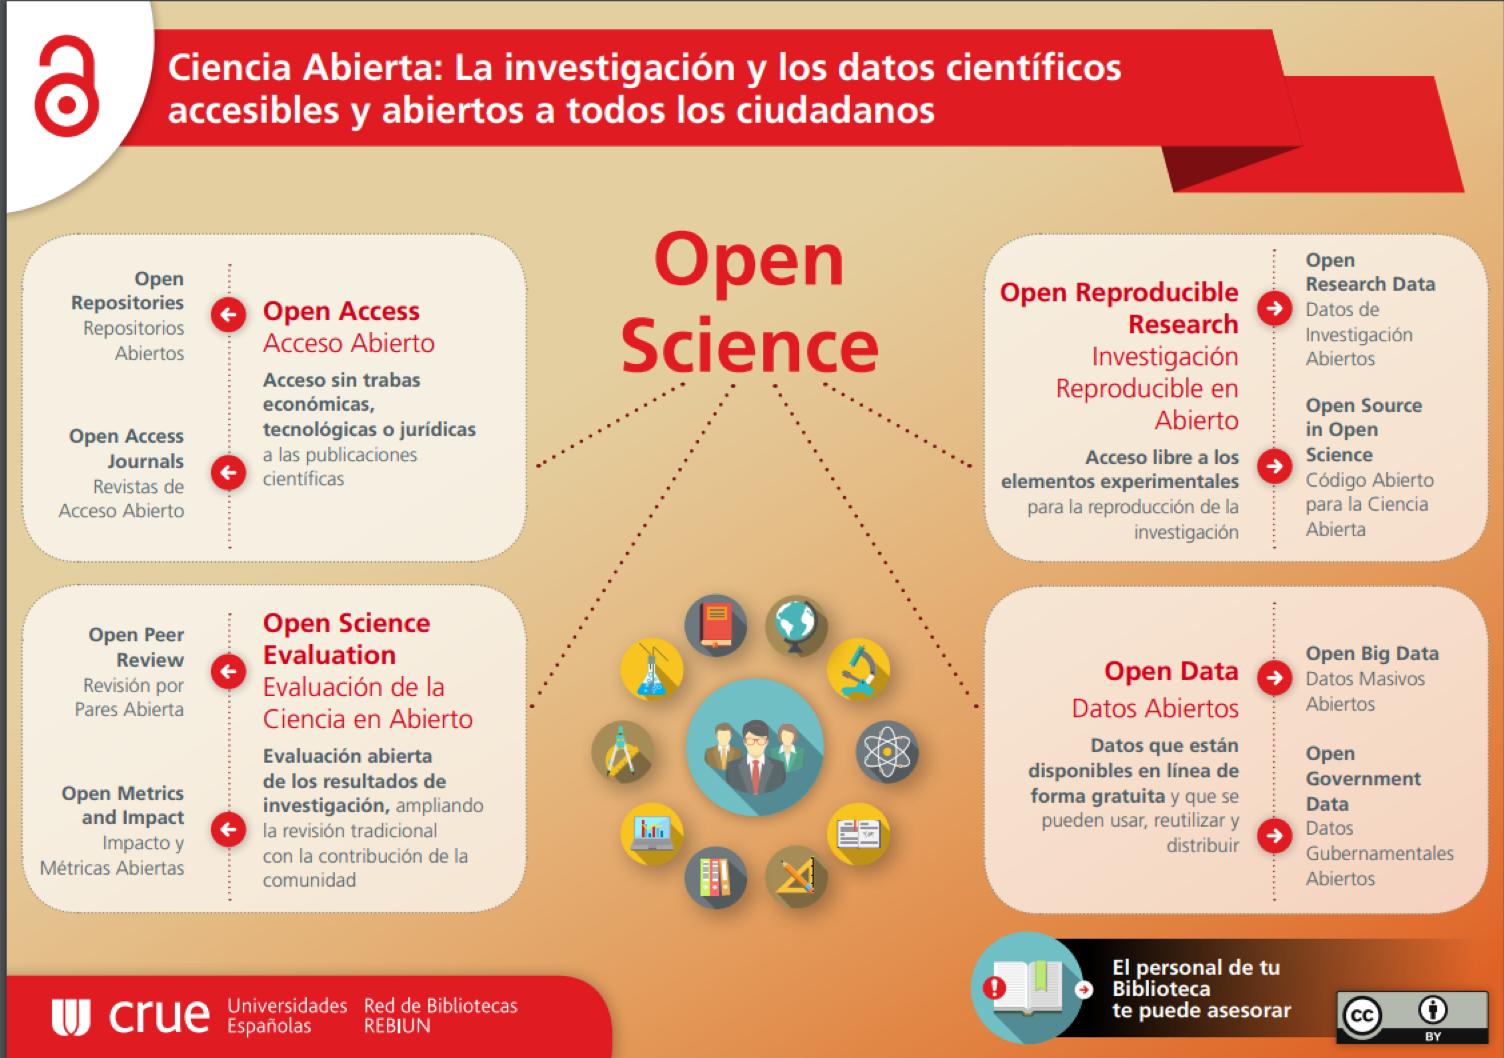 Ciencia abierta: La investigación y los datos científicos accesibles y  abiertos a todos los ciudadanos. Si no lees la infografía pulsa aquí